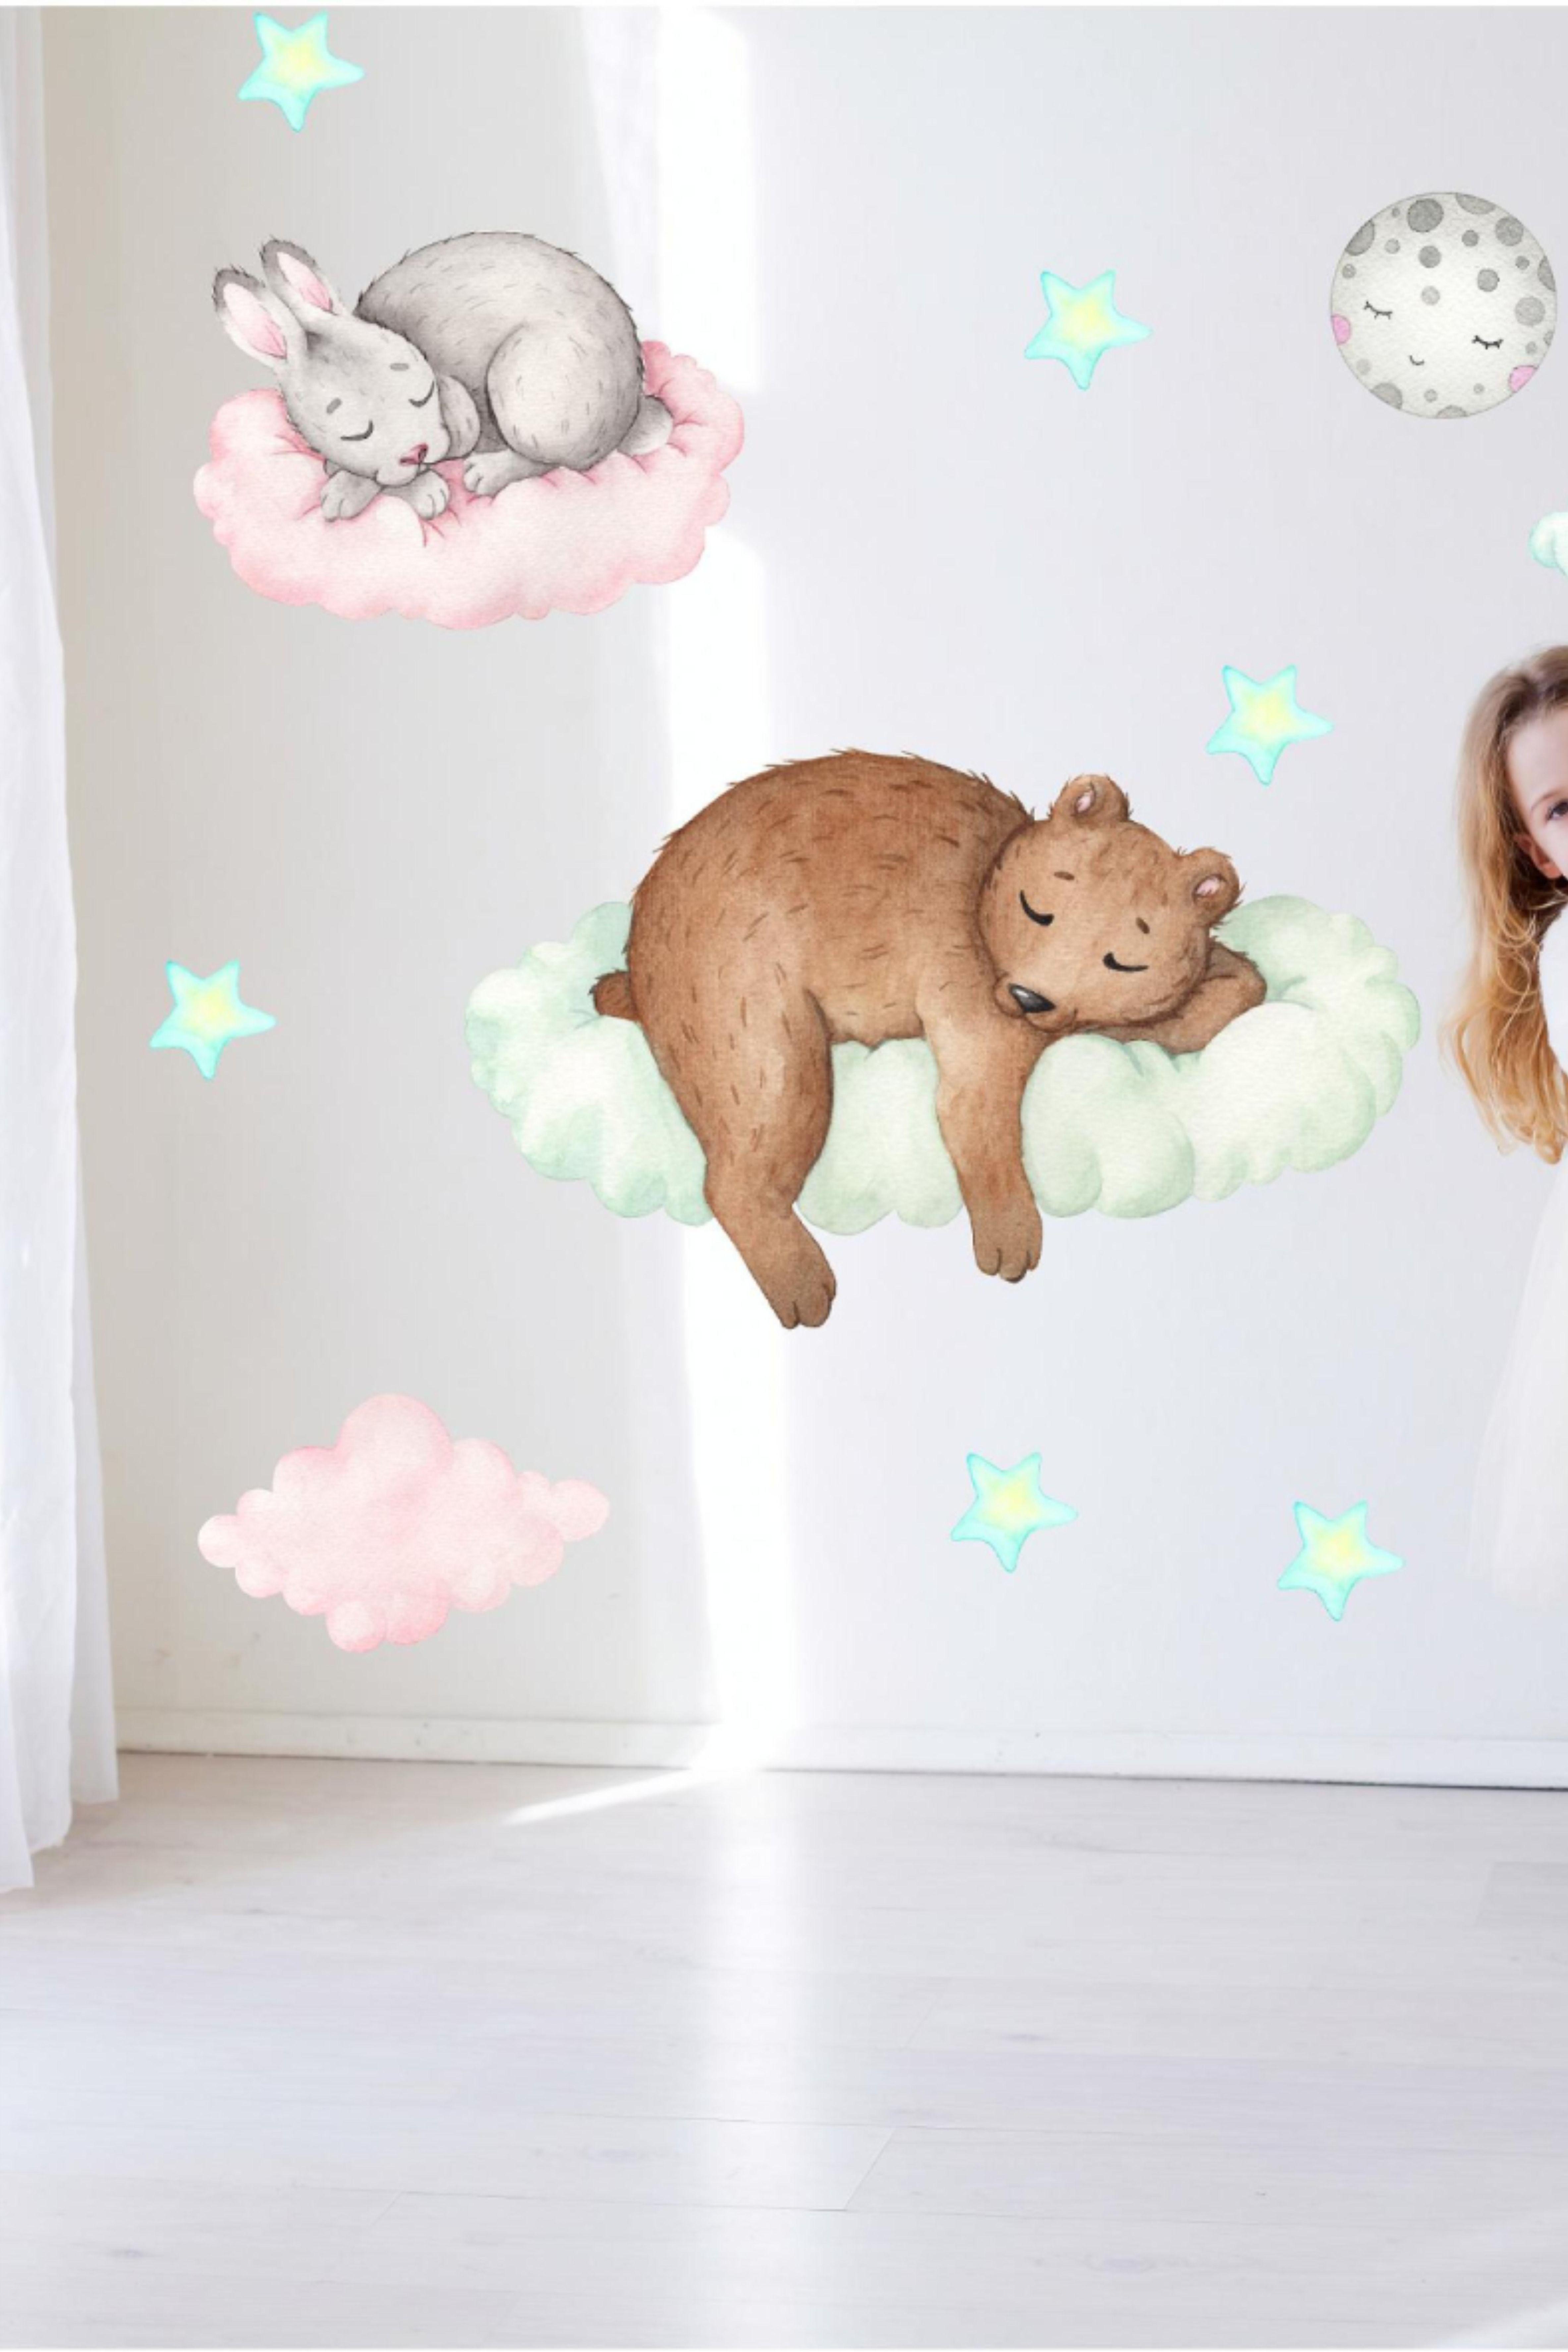 Wall Decal Animals Nursery Teddy Bear Bear Baby Boy Girl Sticker